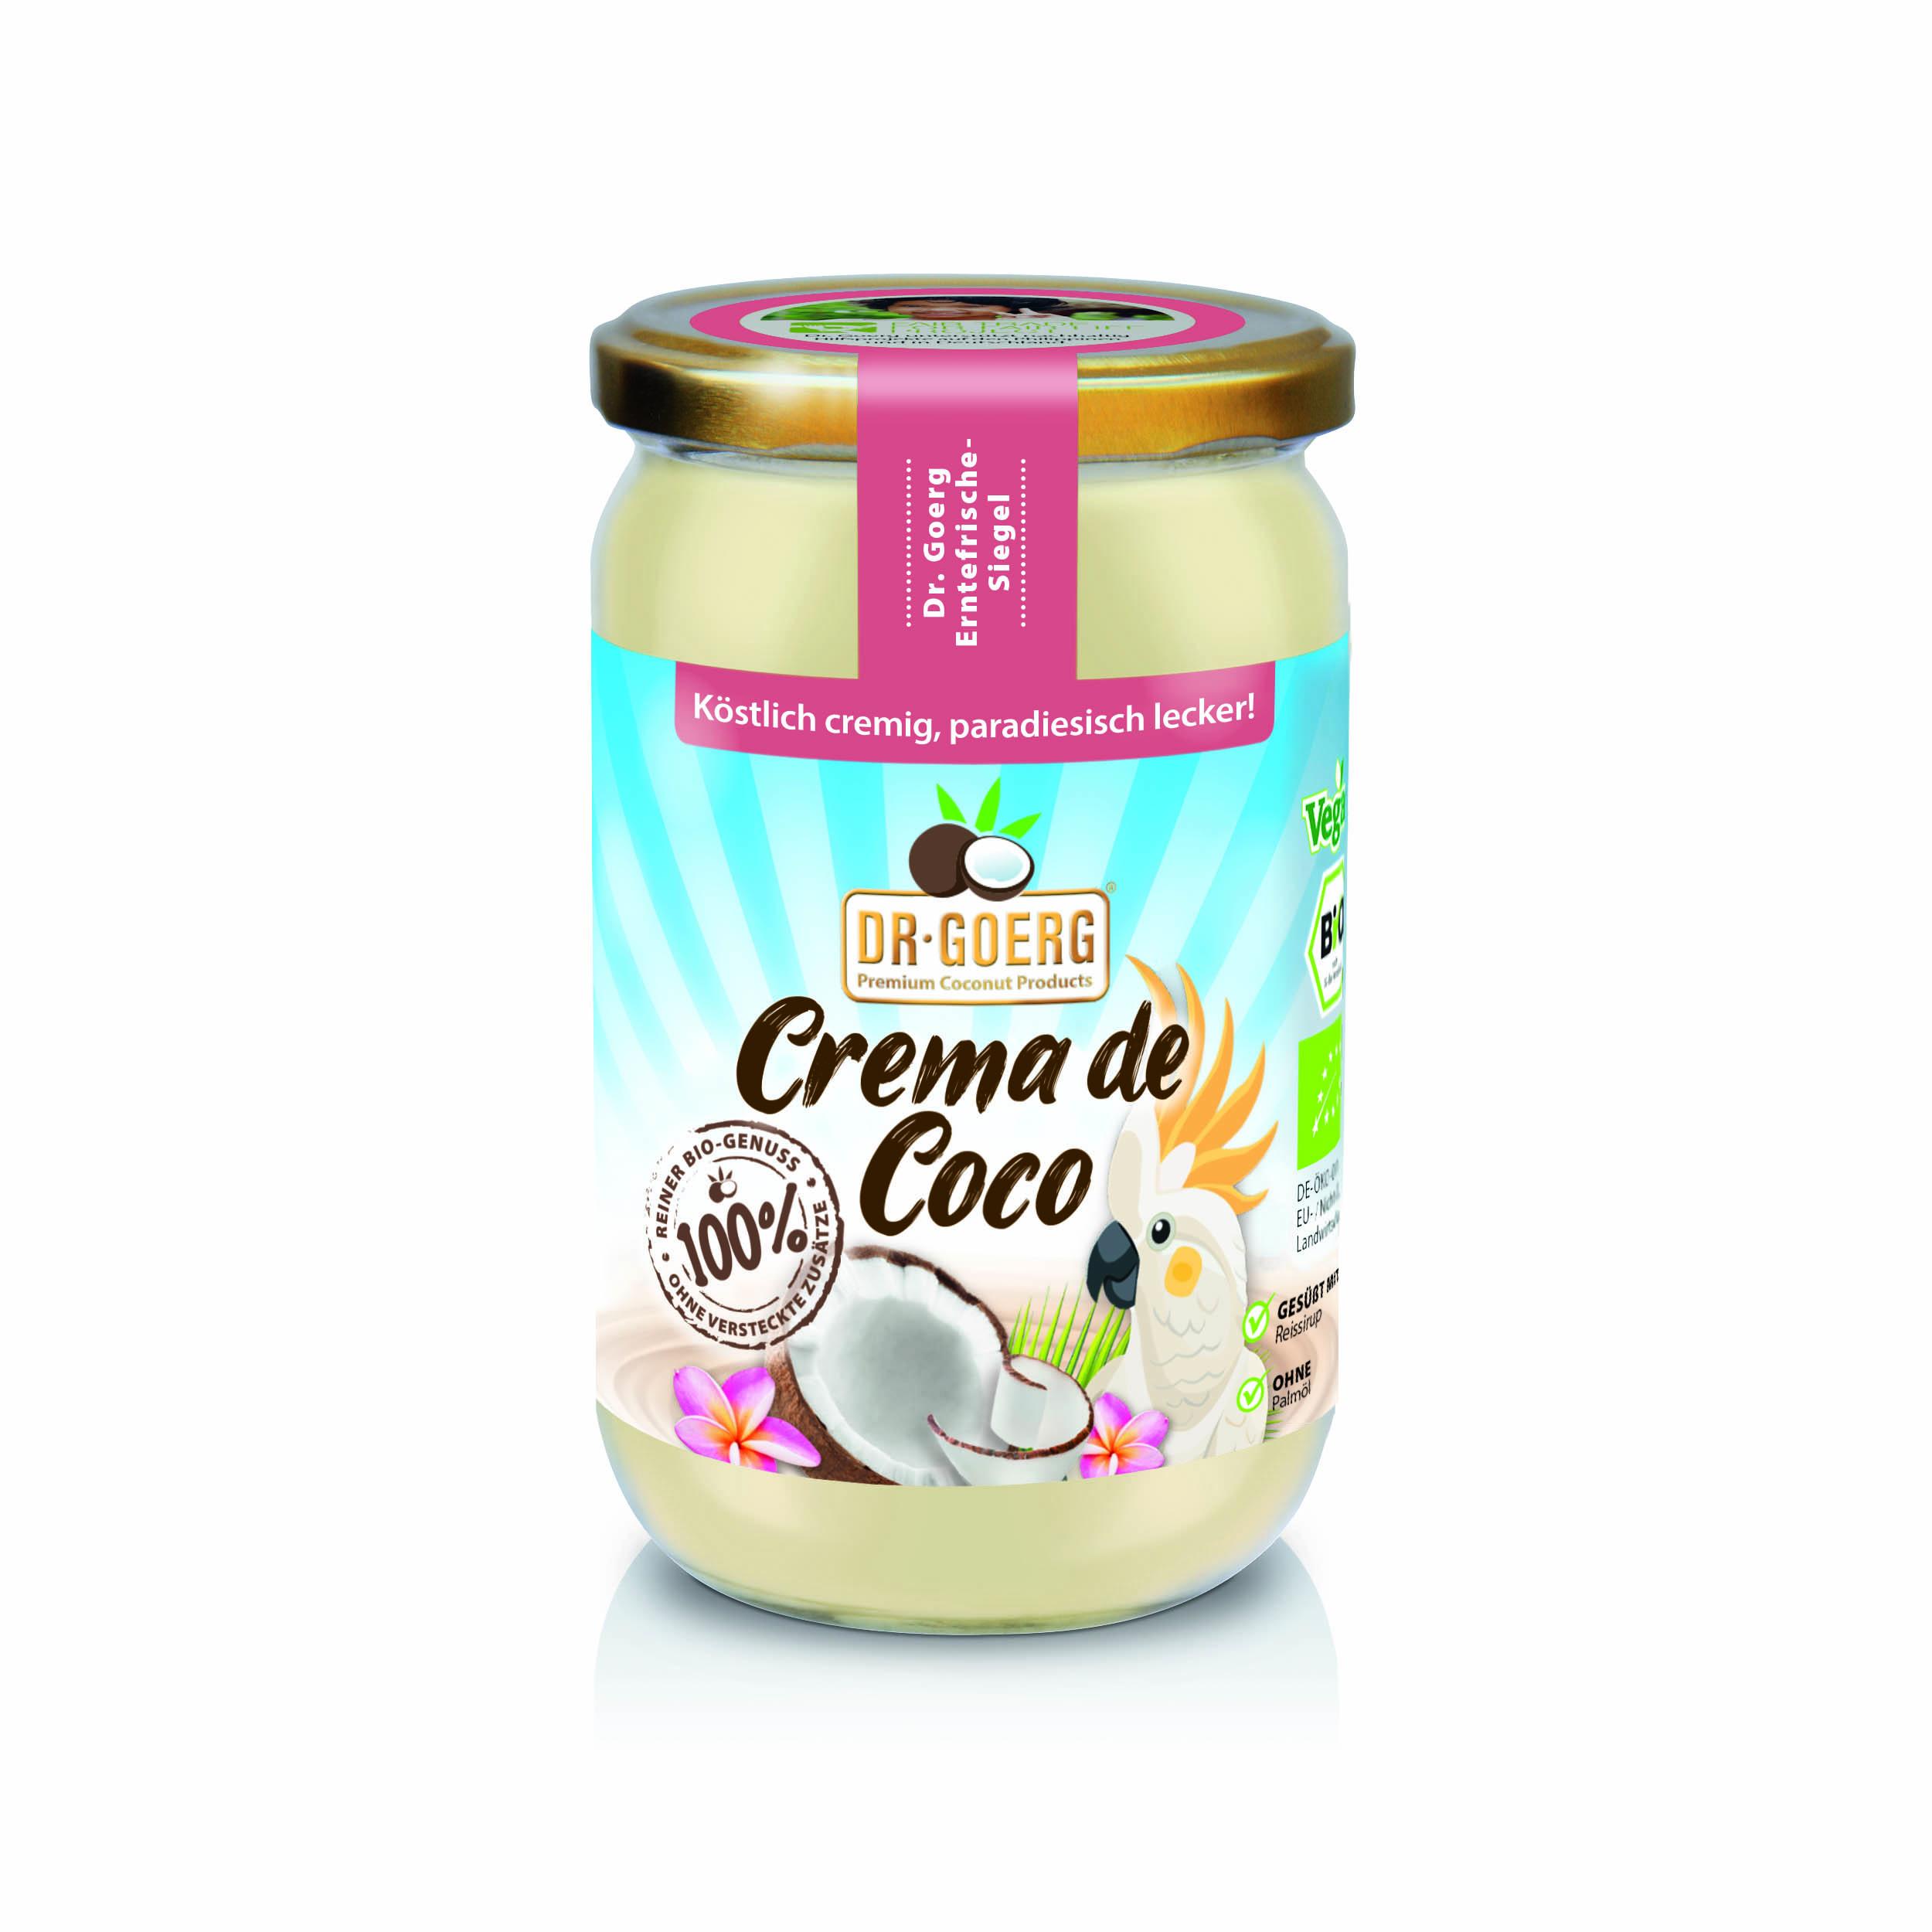 Dr. Goerg Crema de Coco